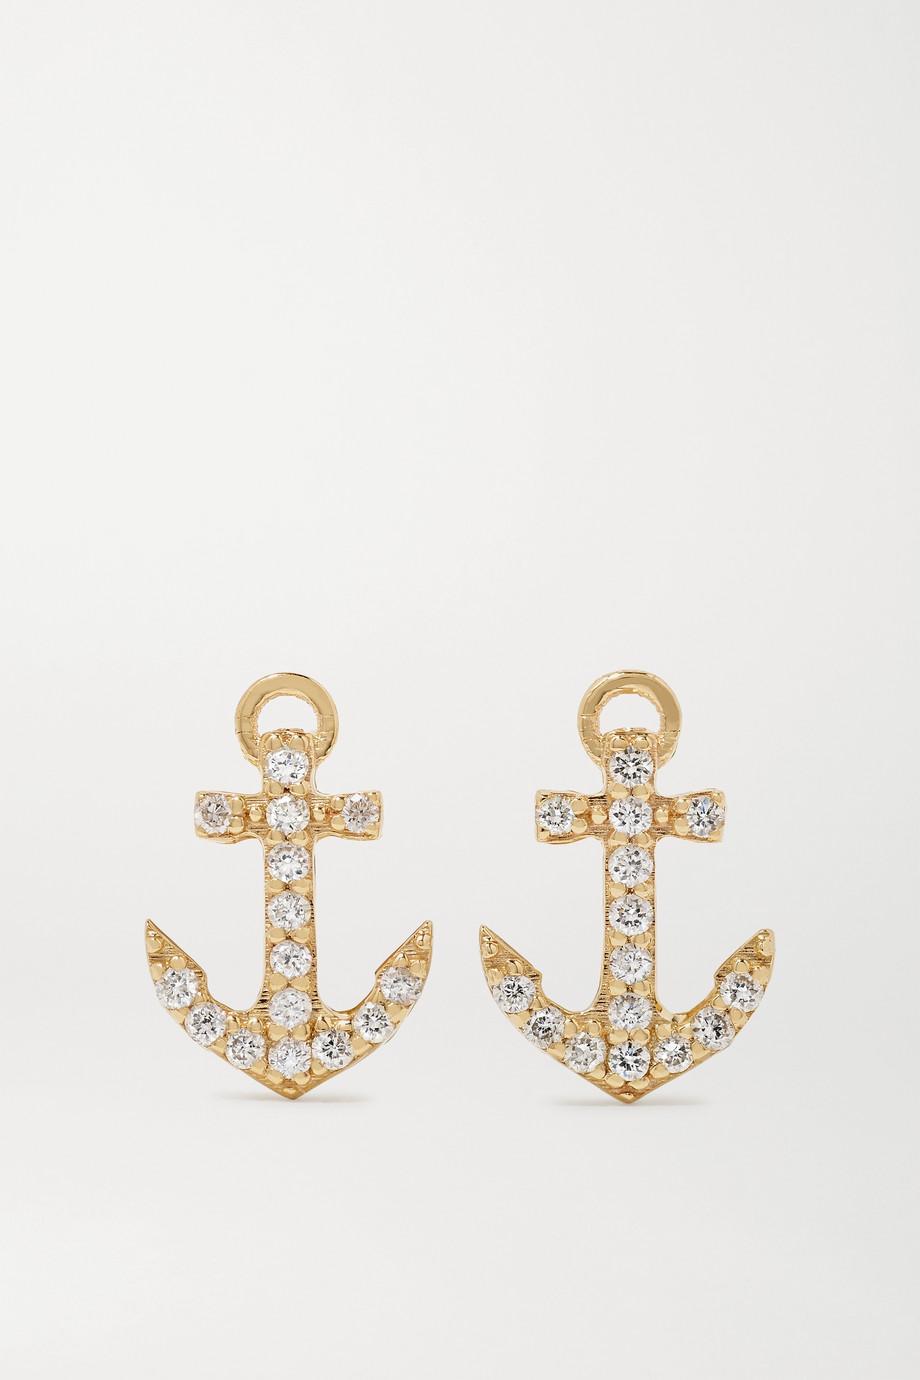 Sydney Evan Boucles d'oreilles en or 14 carats et diamants Tiny Anchor